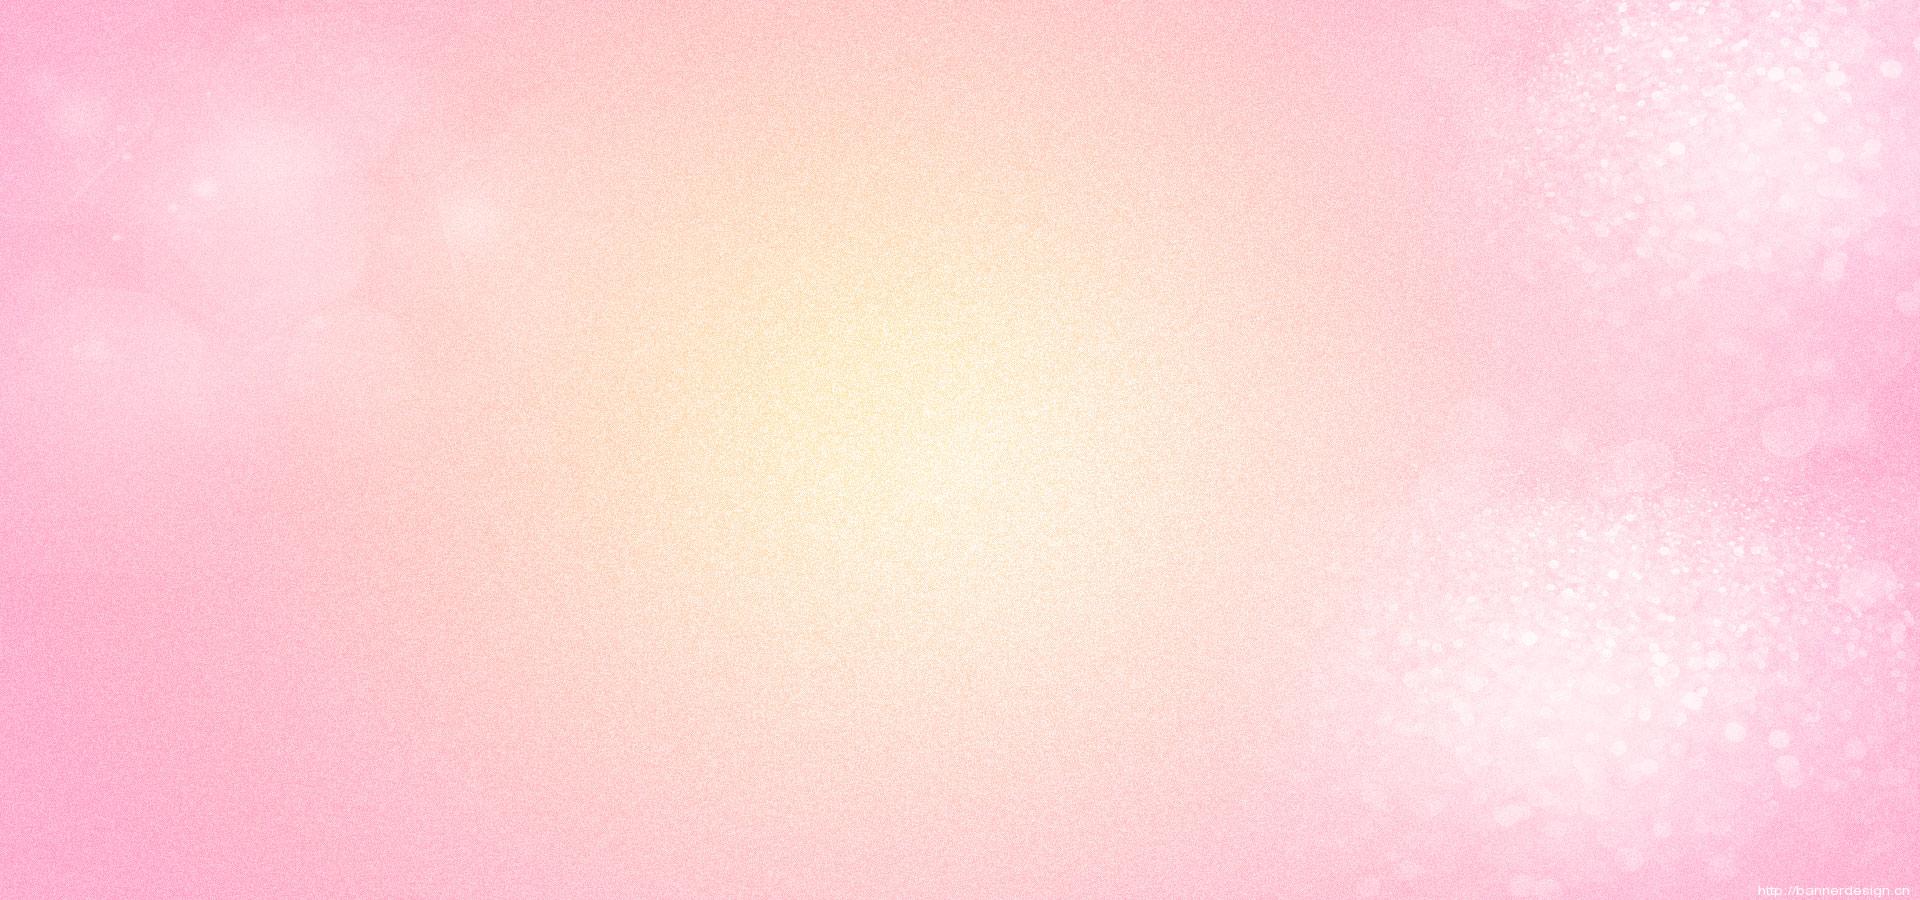 couleur de fond des ventilateurs rose jeune fille jaune